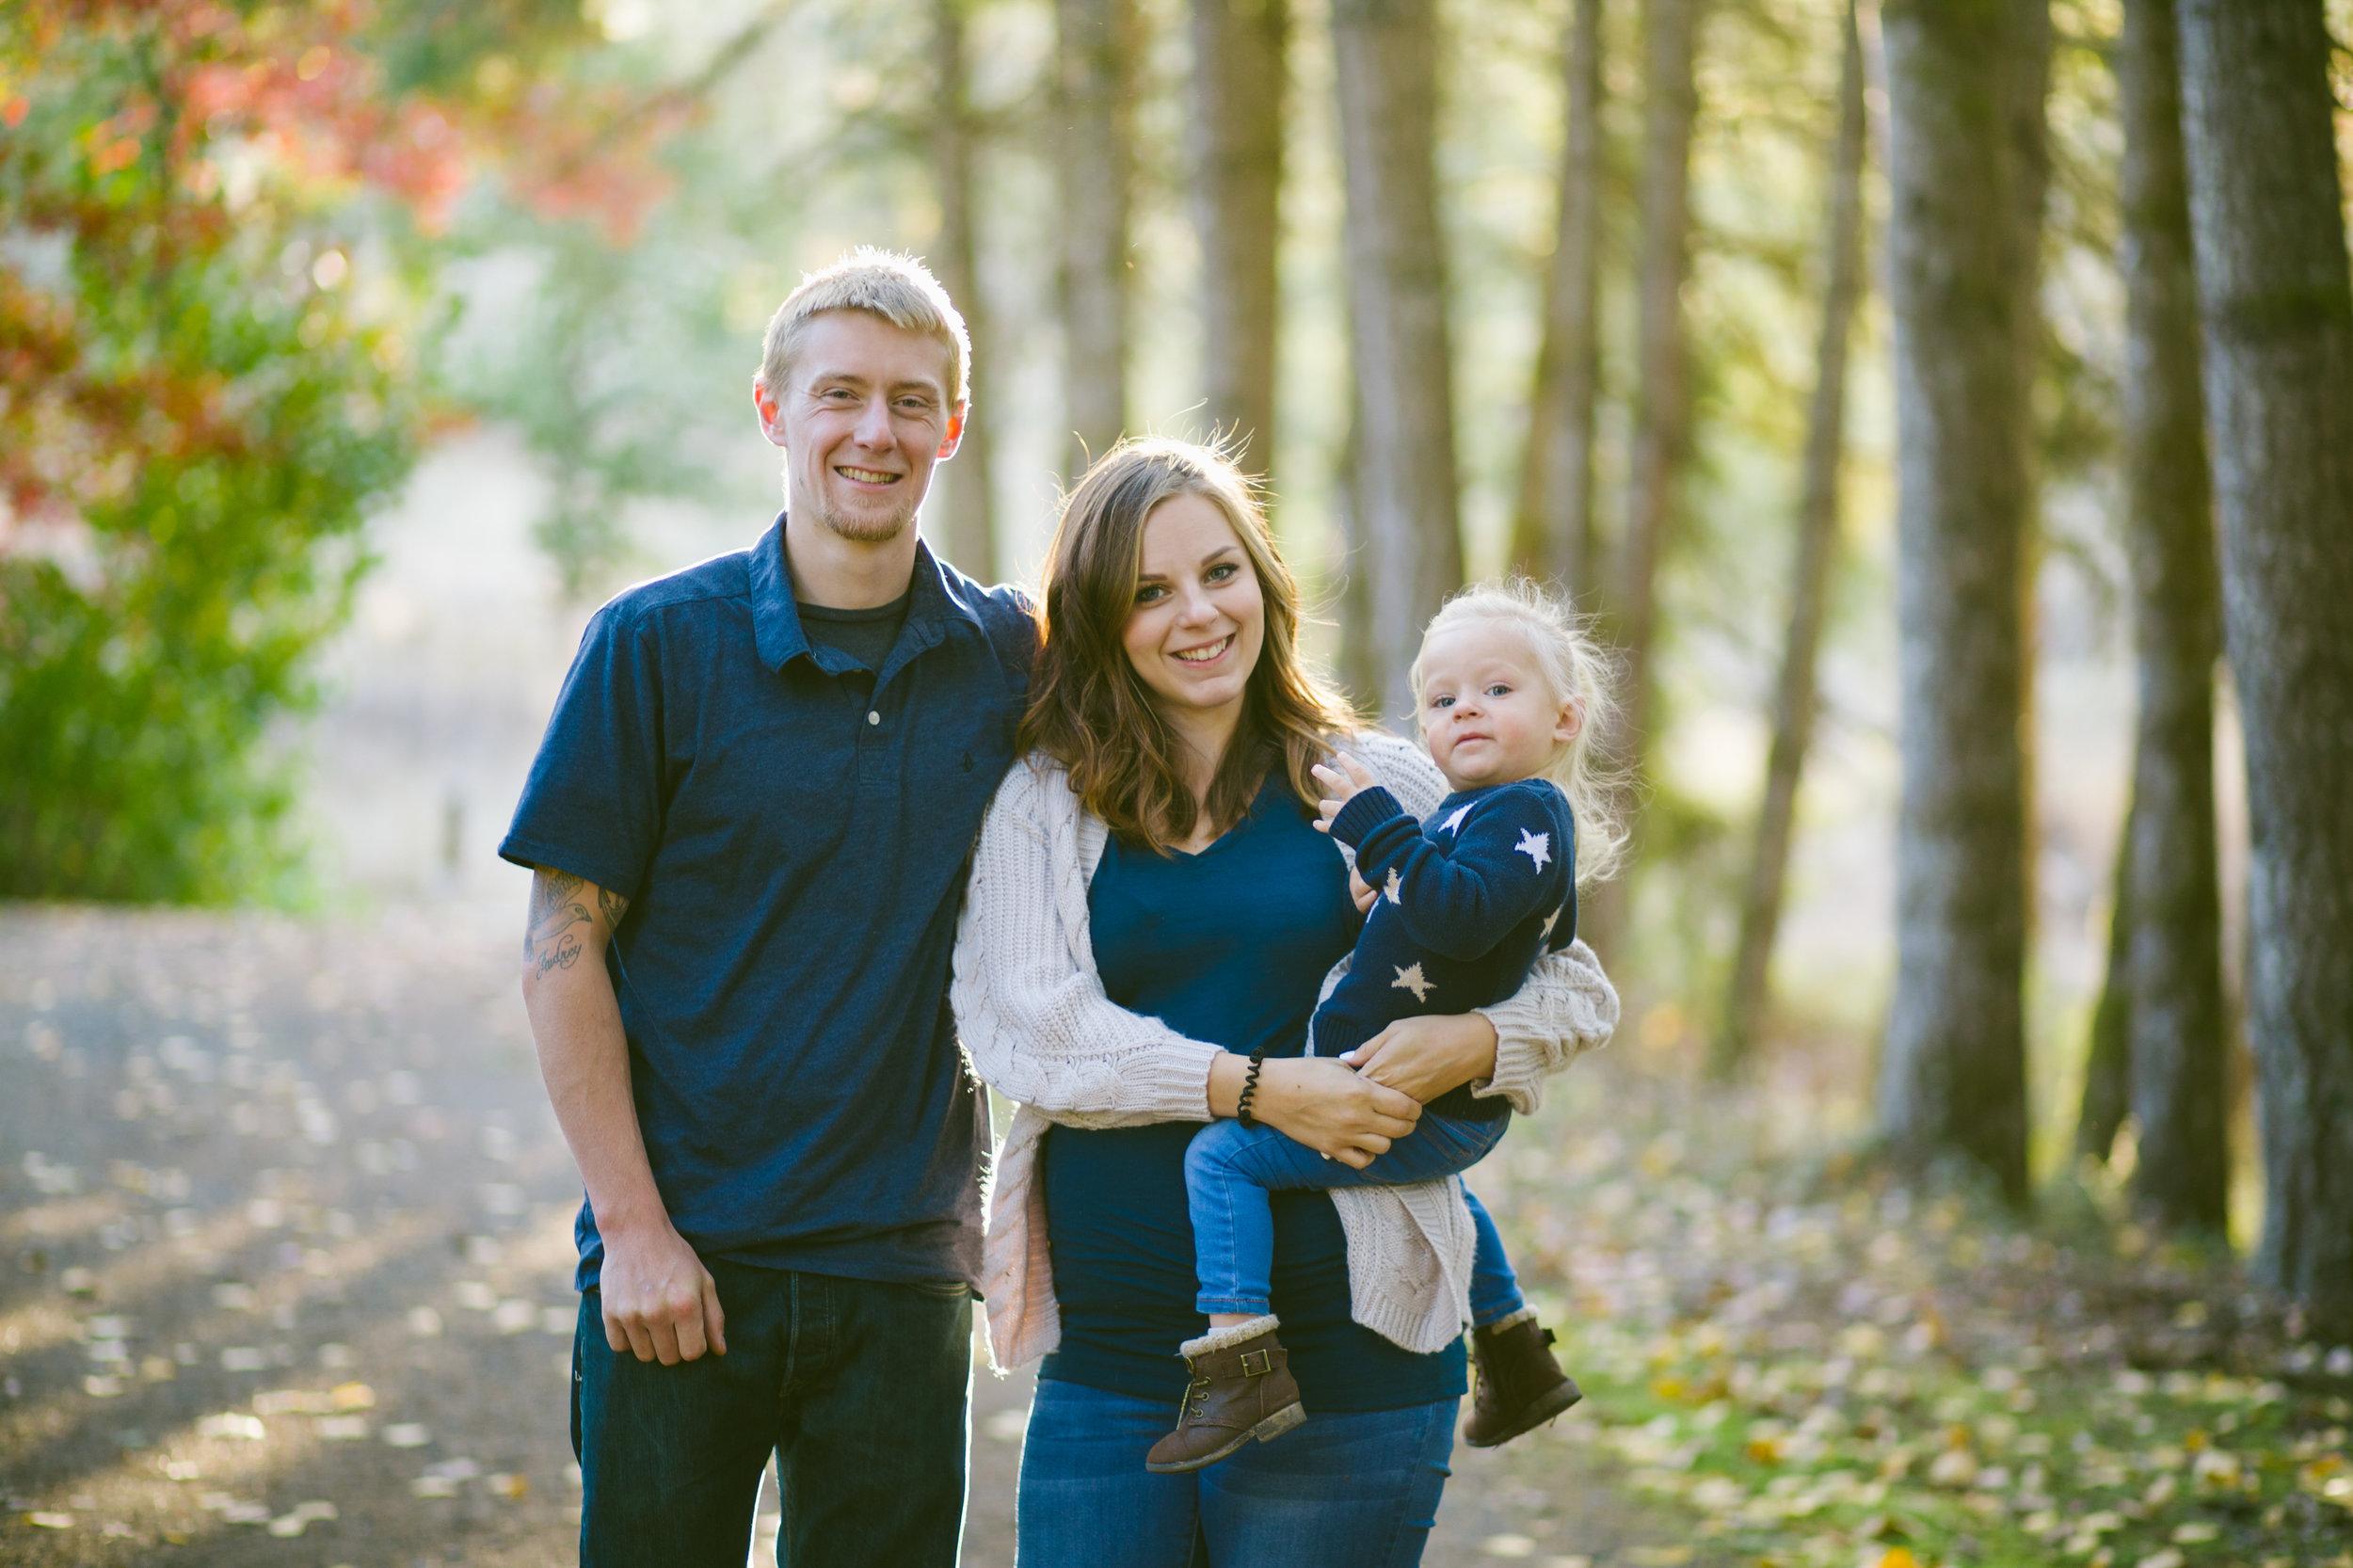 newberg-oregon-family-photographer-3.jpg